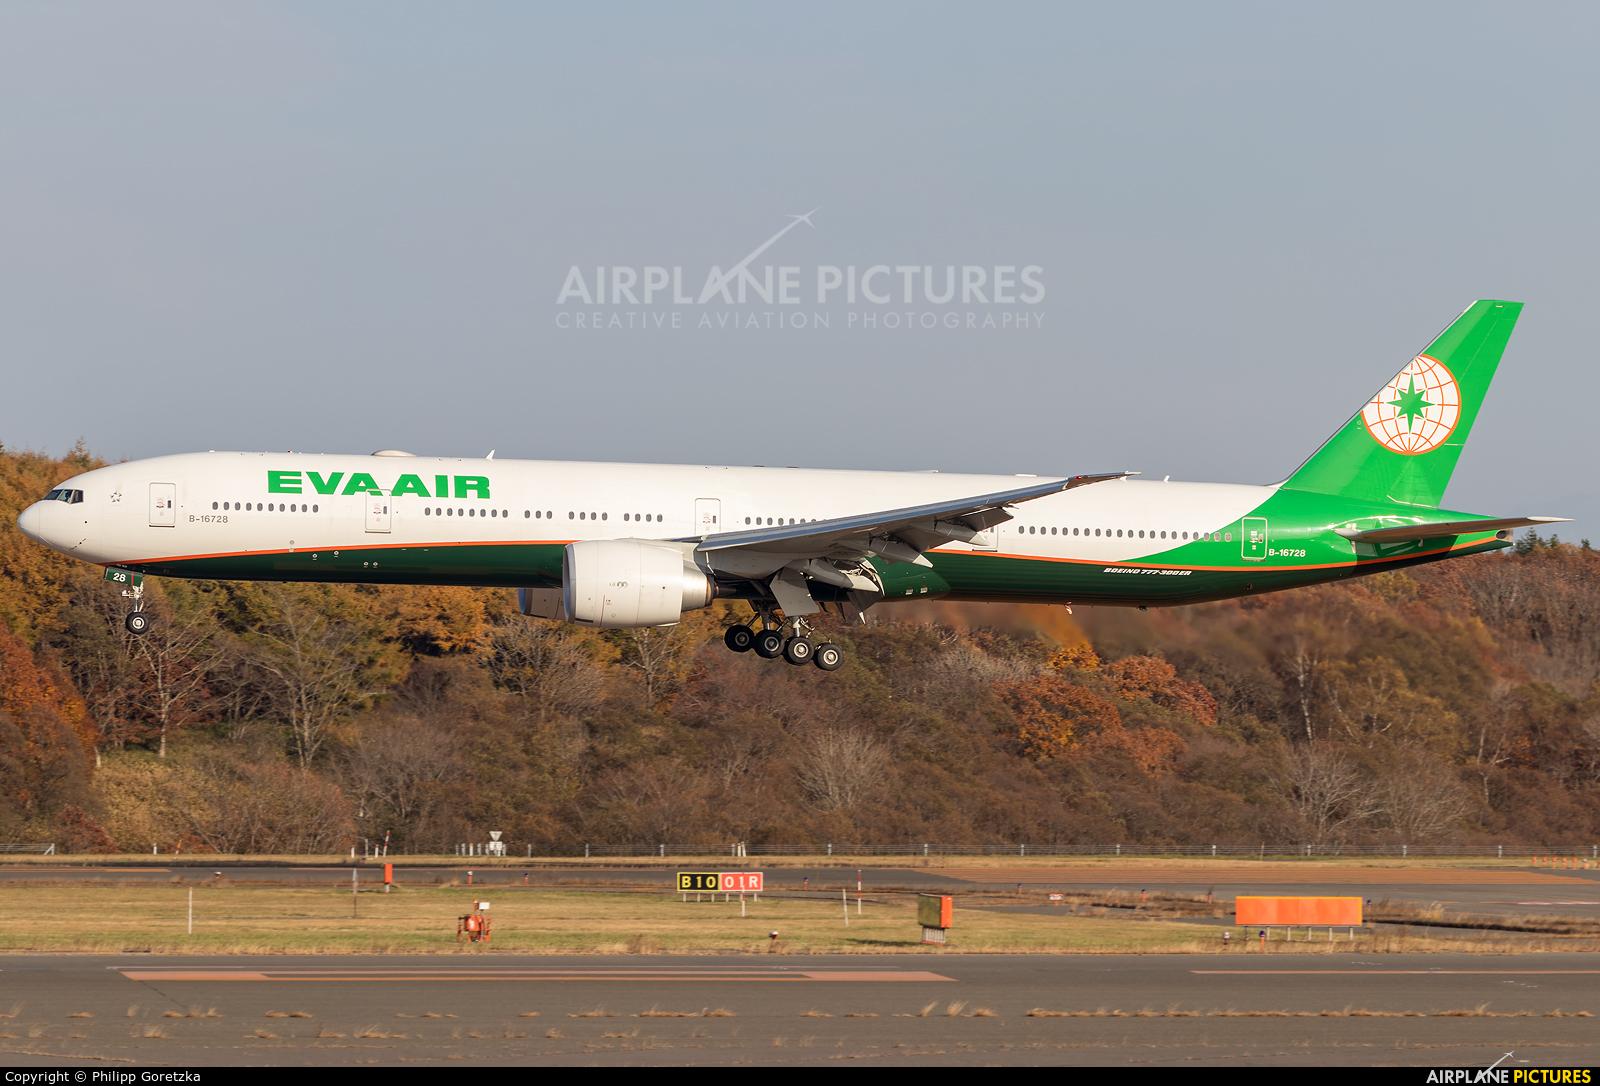 Eva Air B-16728 aircraft at New Chitose